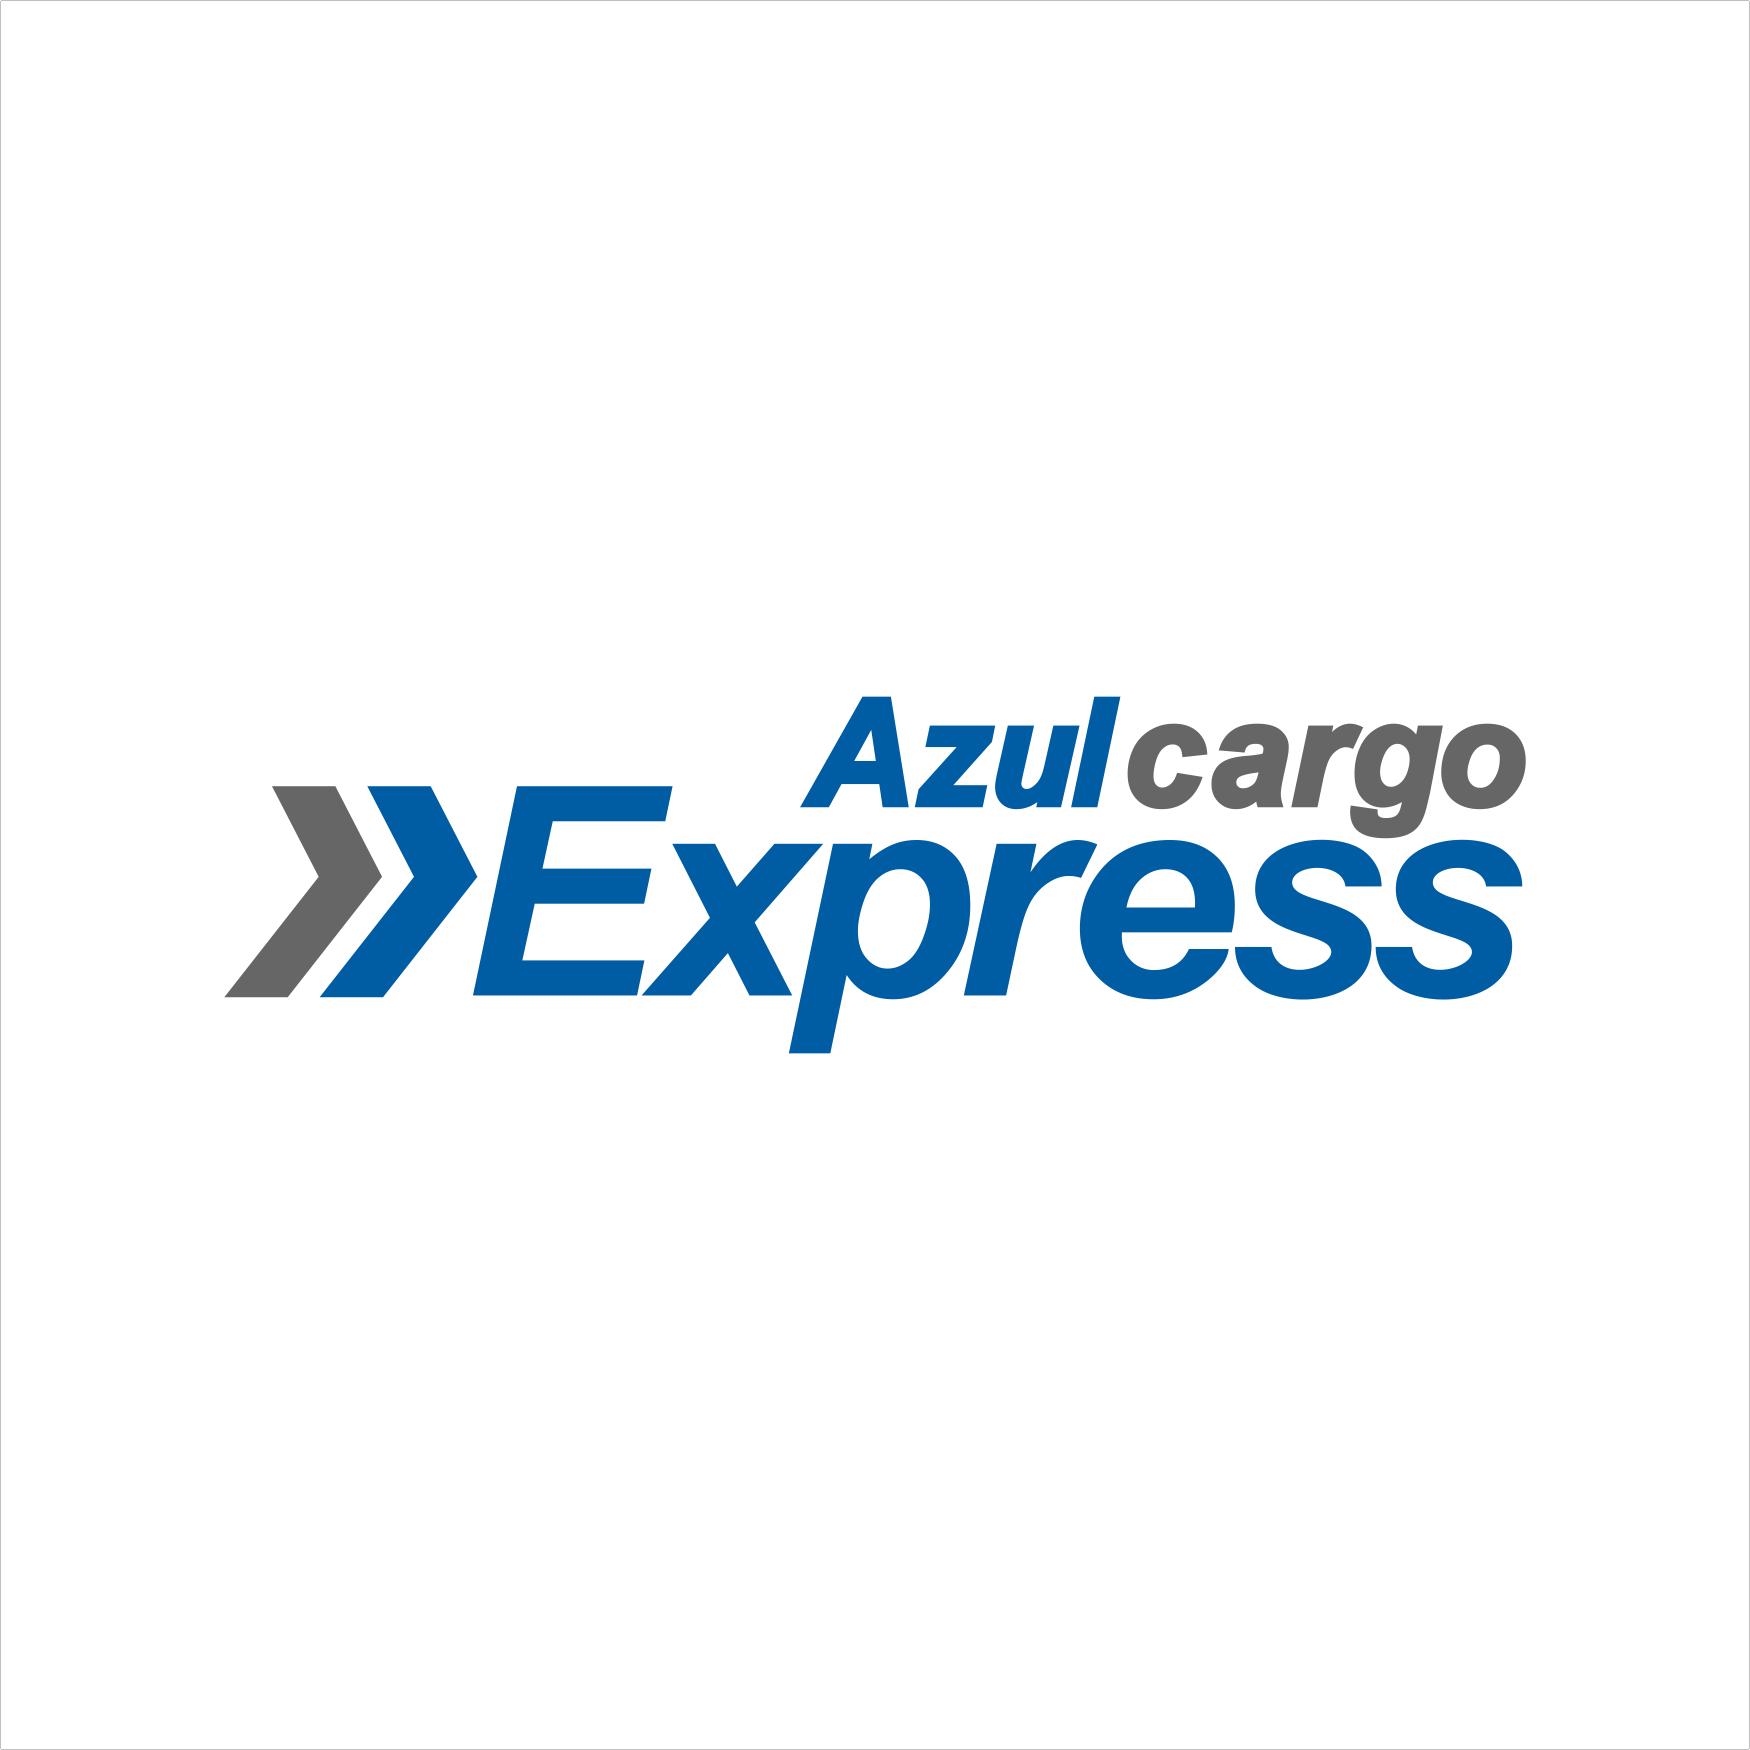 AzulCargo